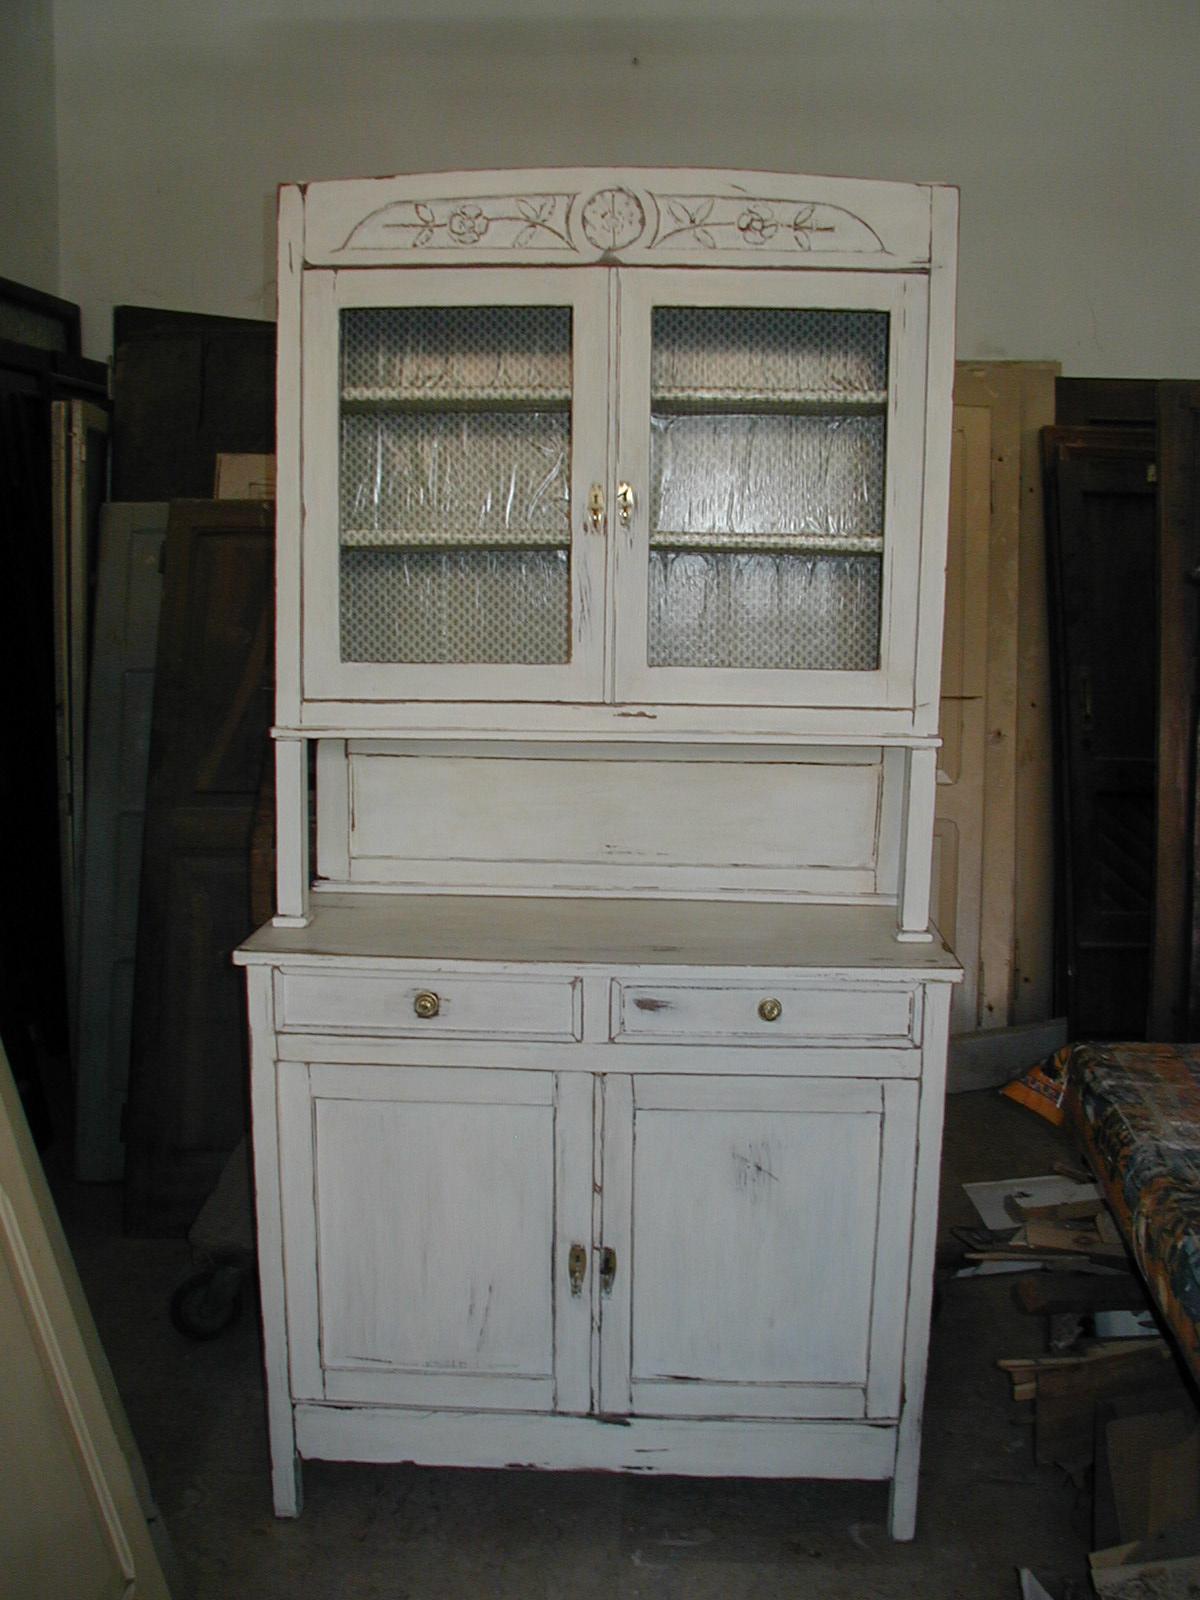 Il riuso di porte portoni e mobili vecchi ed antichi - Ristrutturare mobili vecchi ...